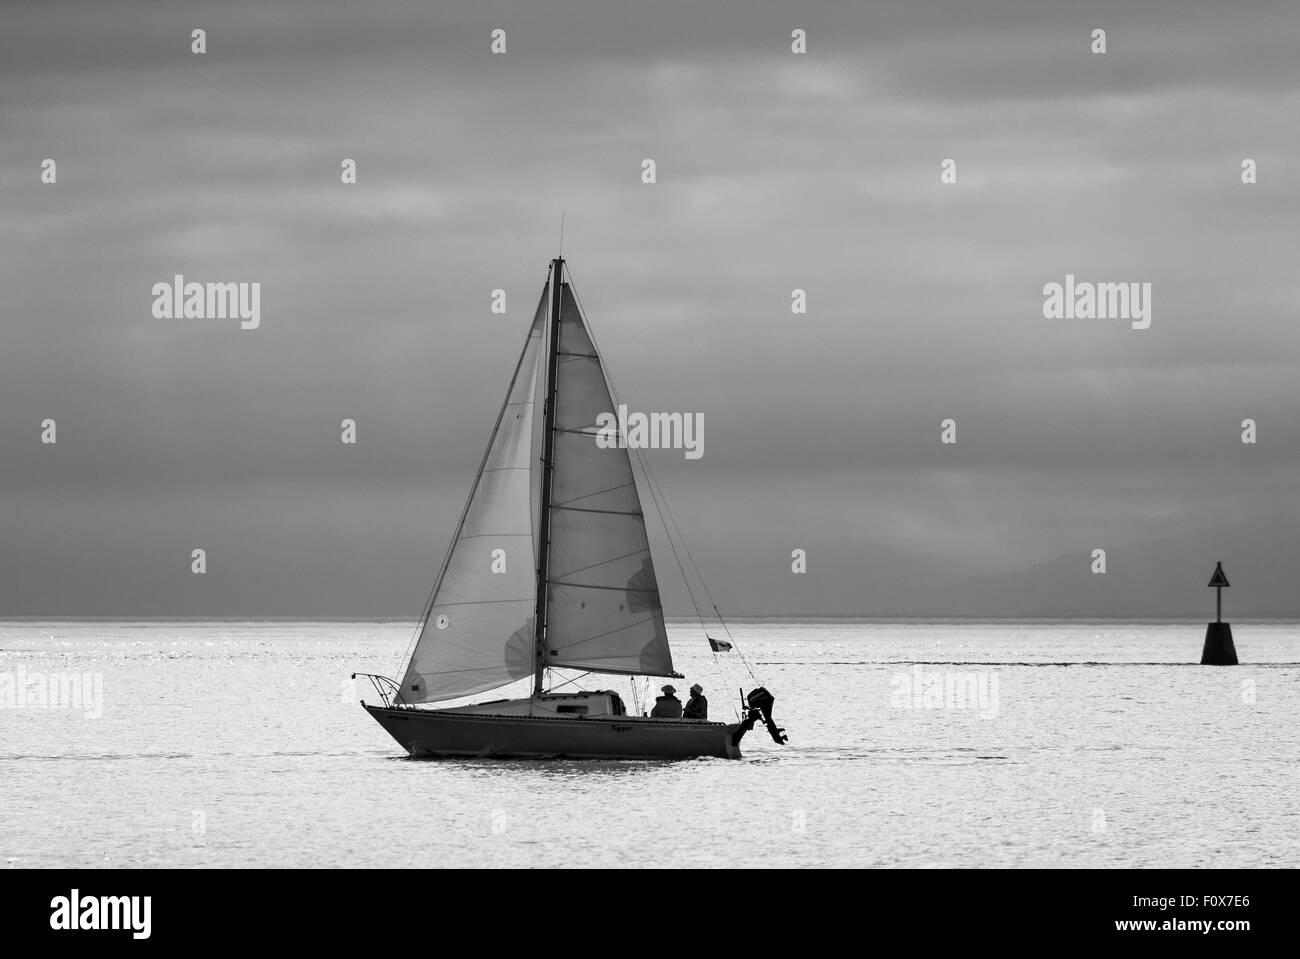 Sailboat in Juan de Fuca Strait-Victoria, British Columbia, Canada. - Stock Image